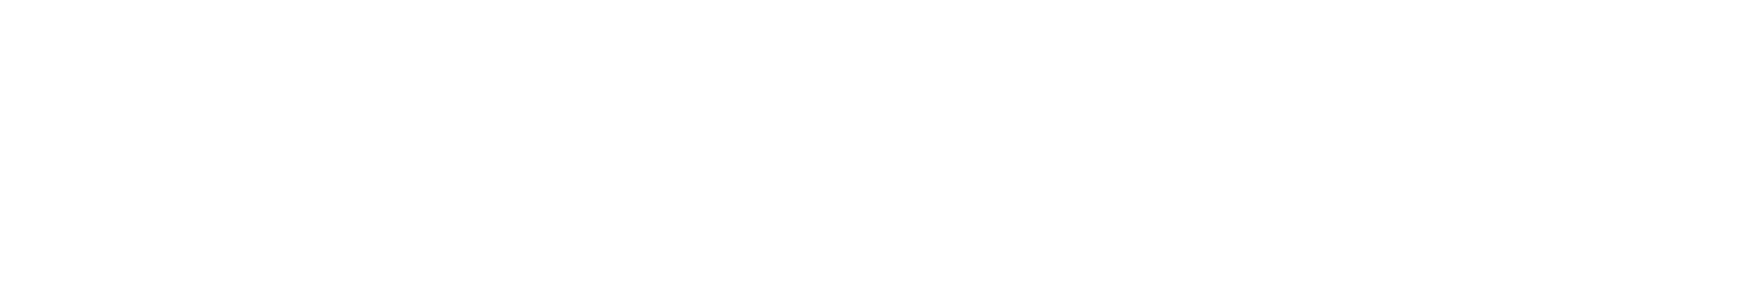 Kahika.stream Logo